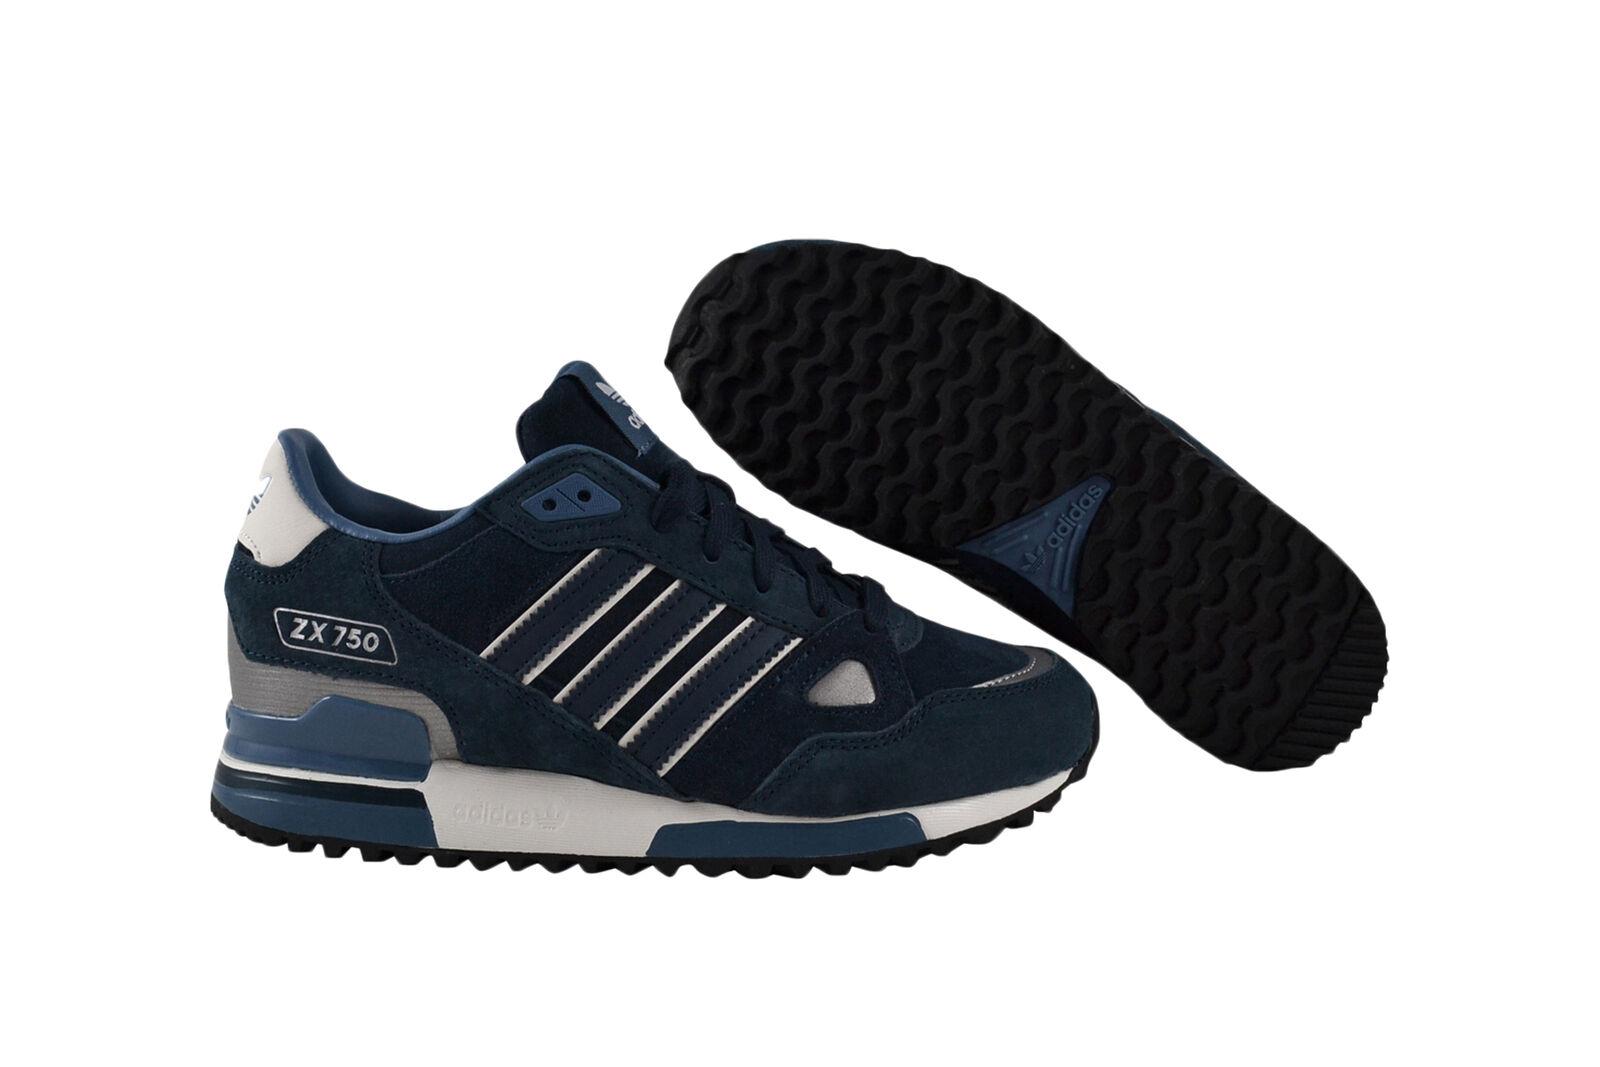 Adidas Originals ZX 750 Dark petrol Dark petrol blanco Vapour zapatilla de deporte zapatos